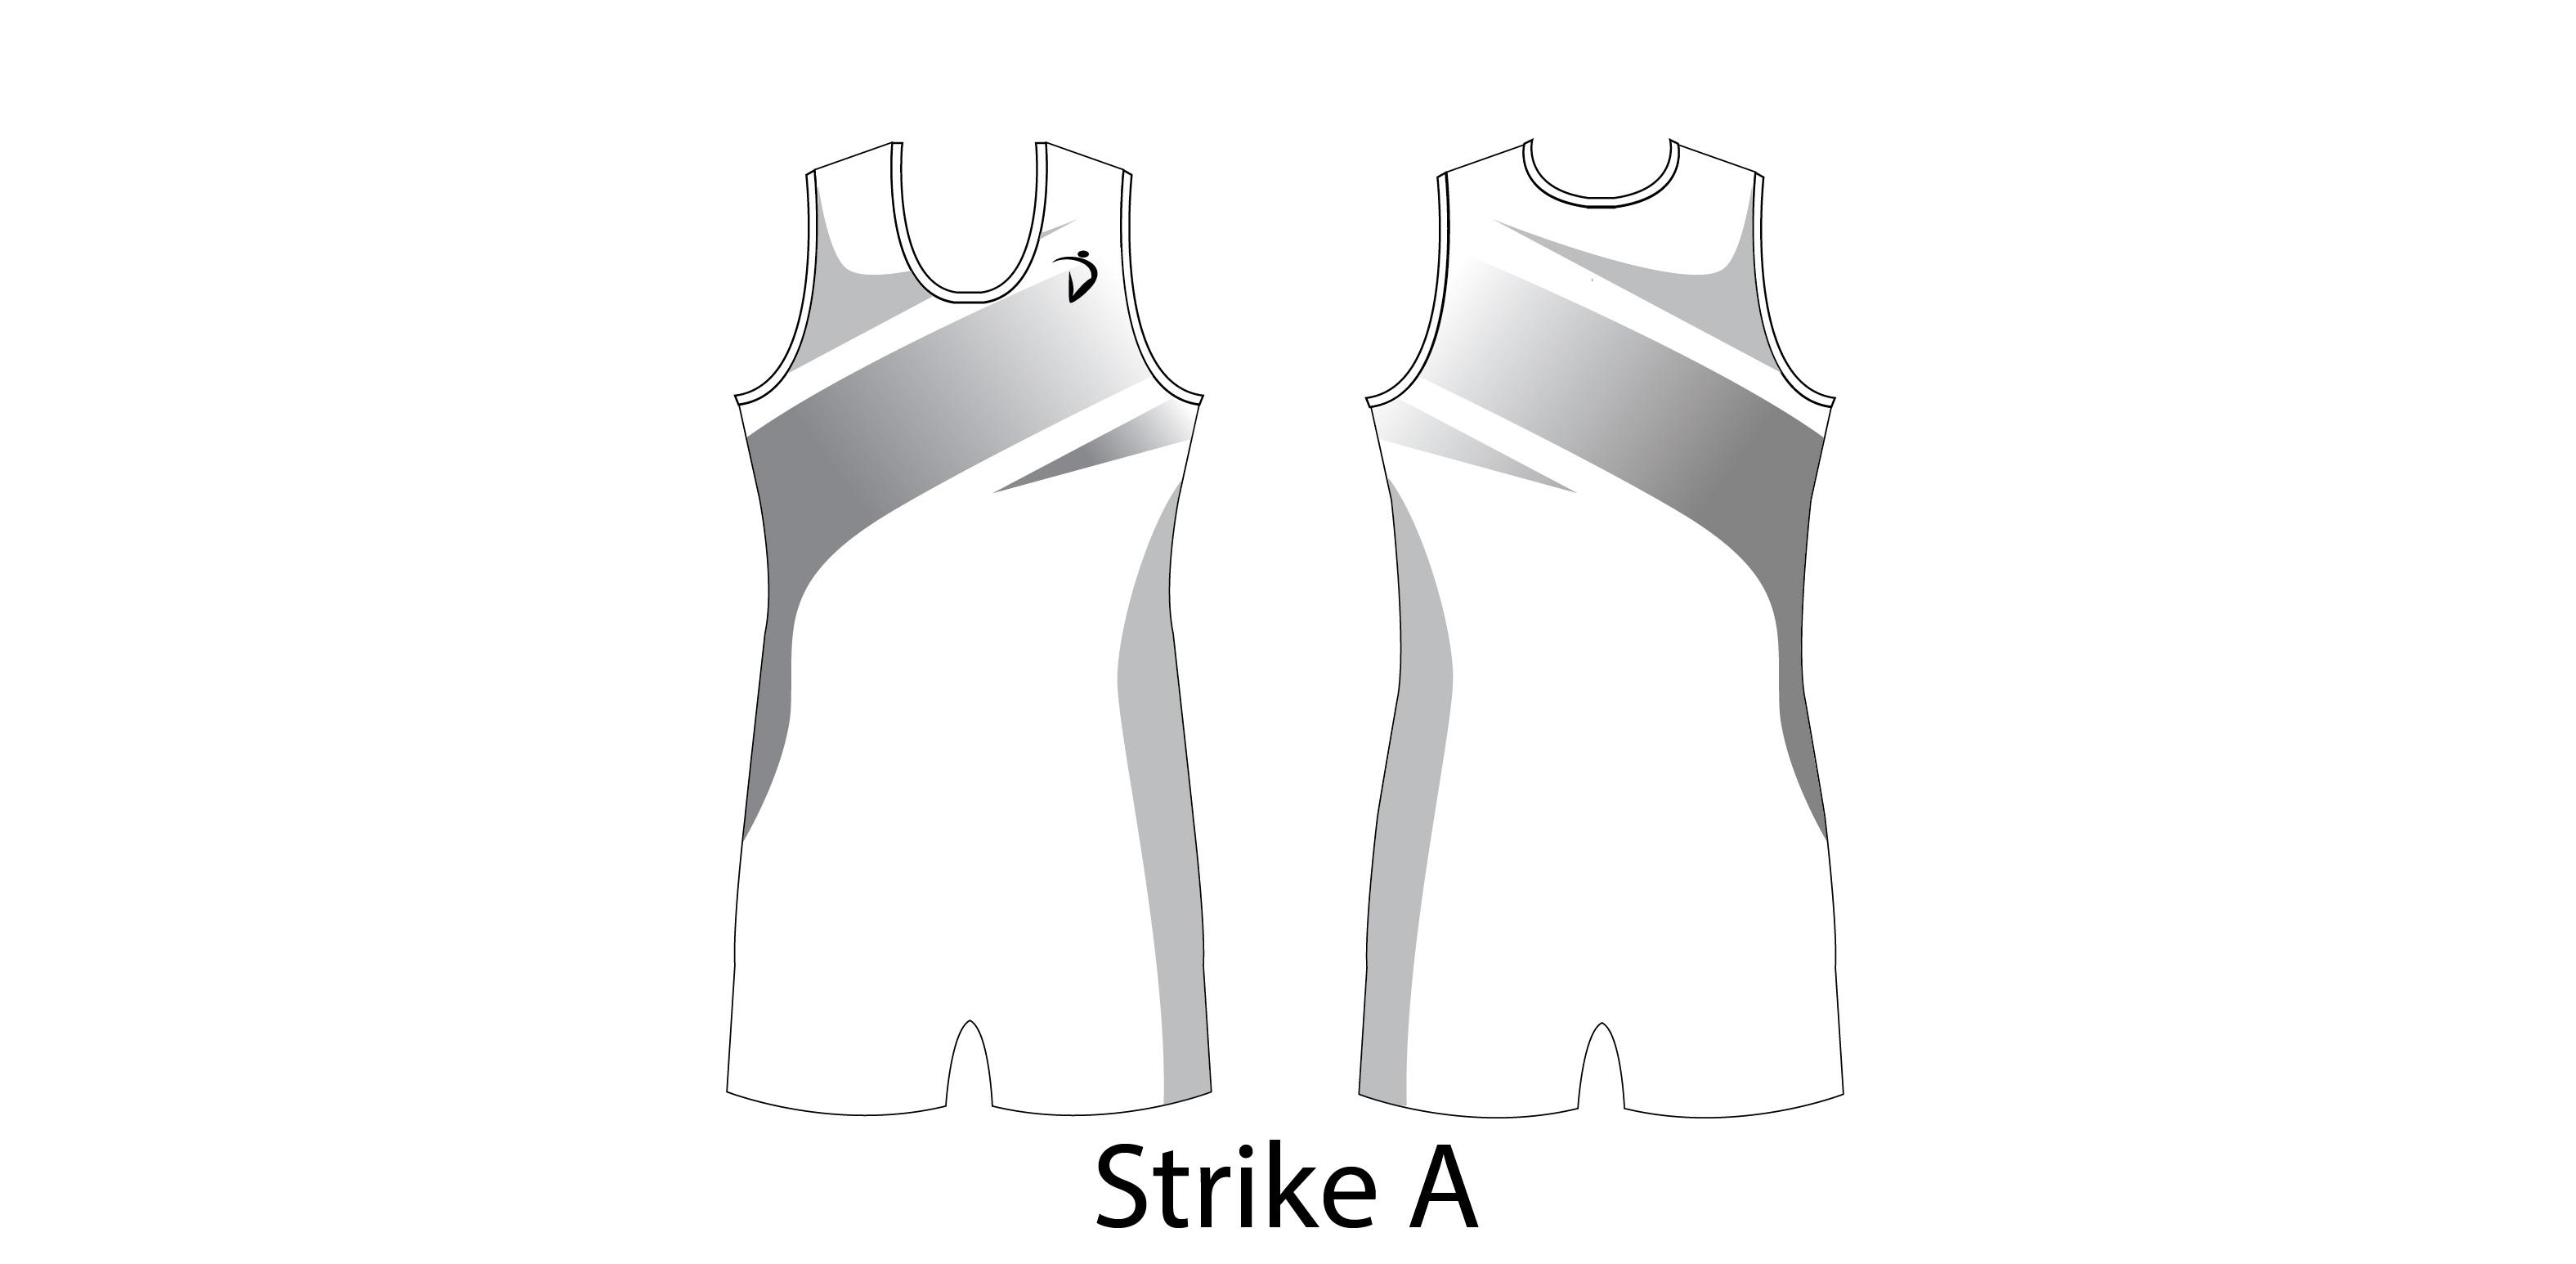 Strike A